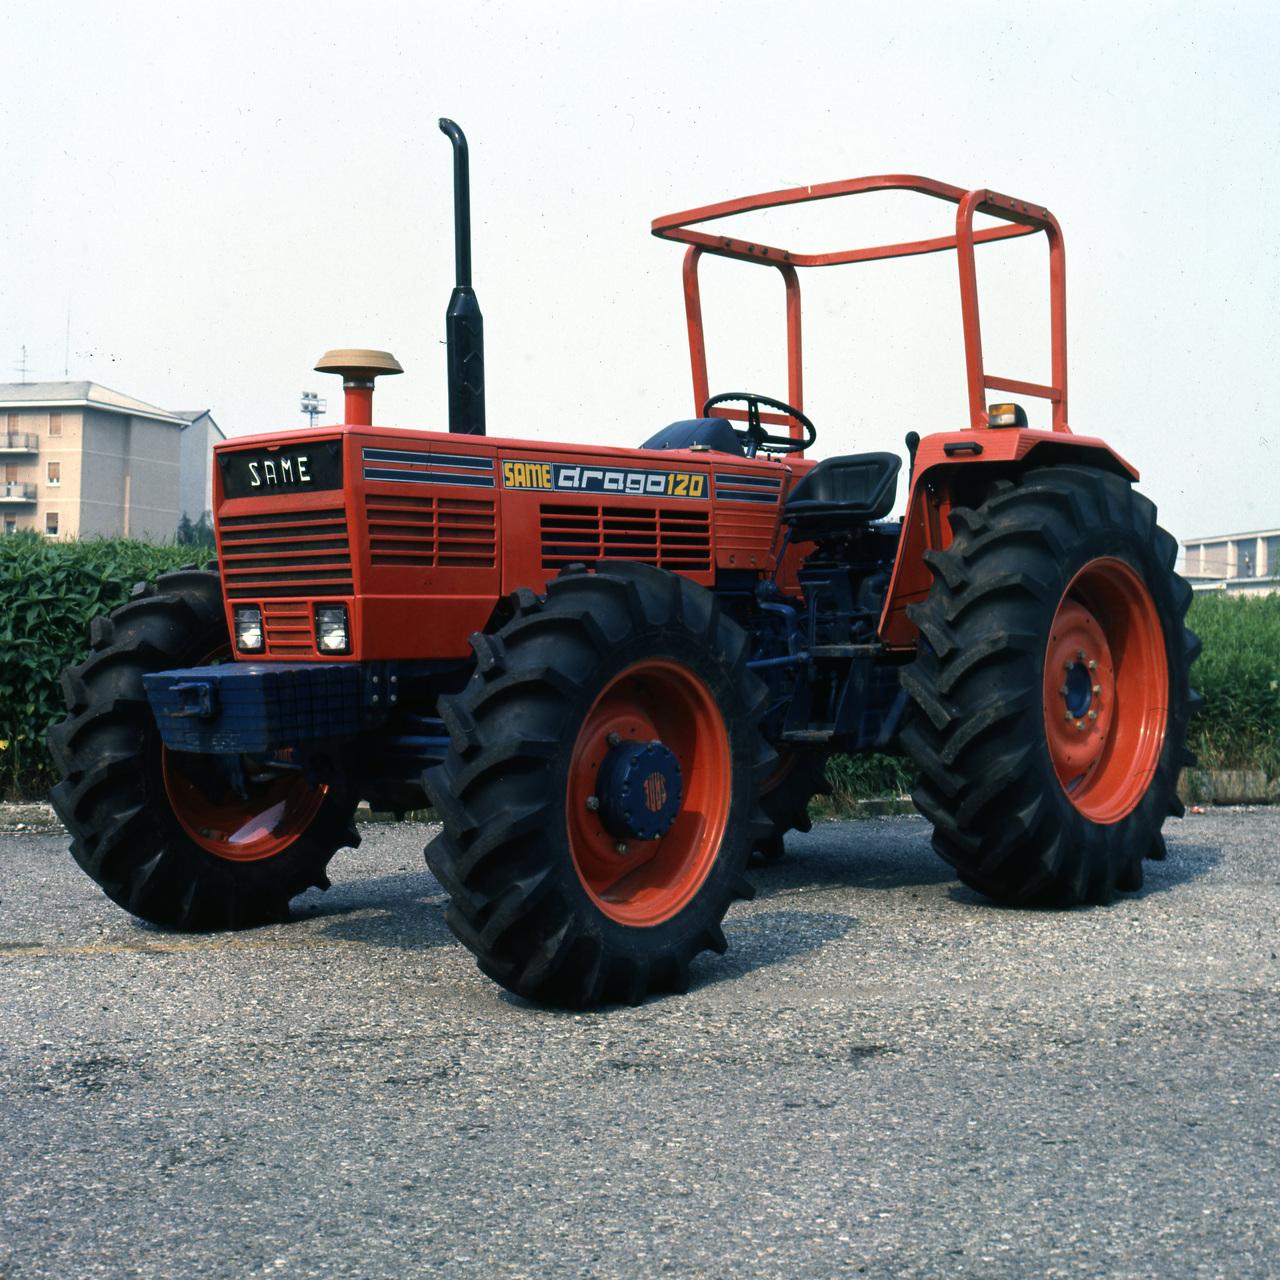 [SAME] trattore Drago 120